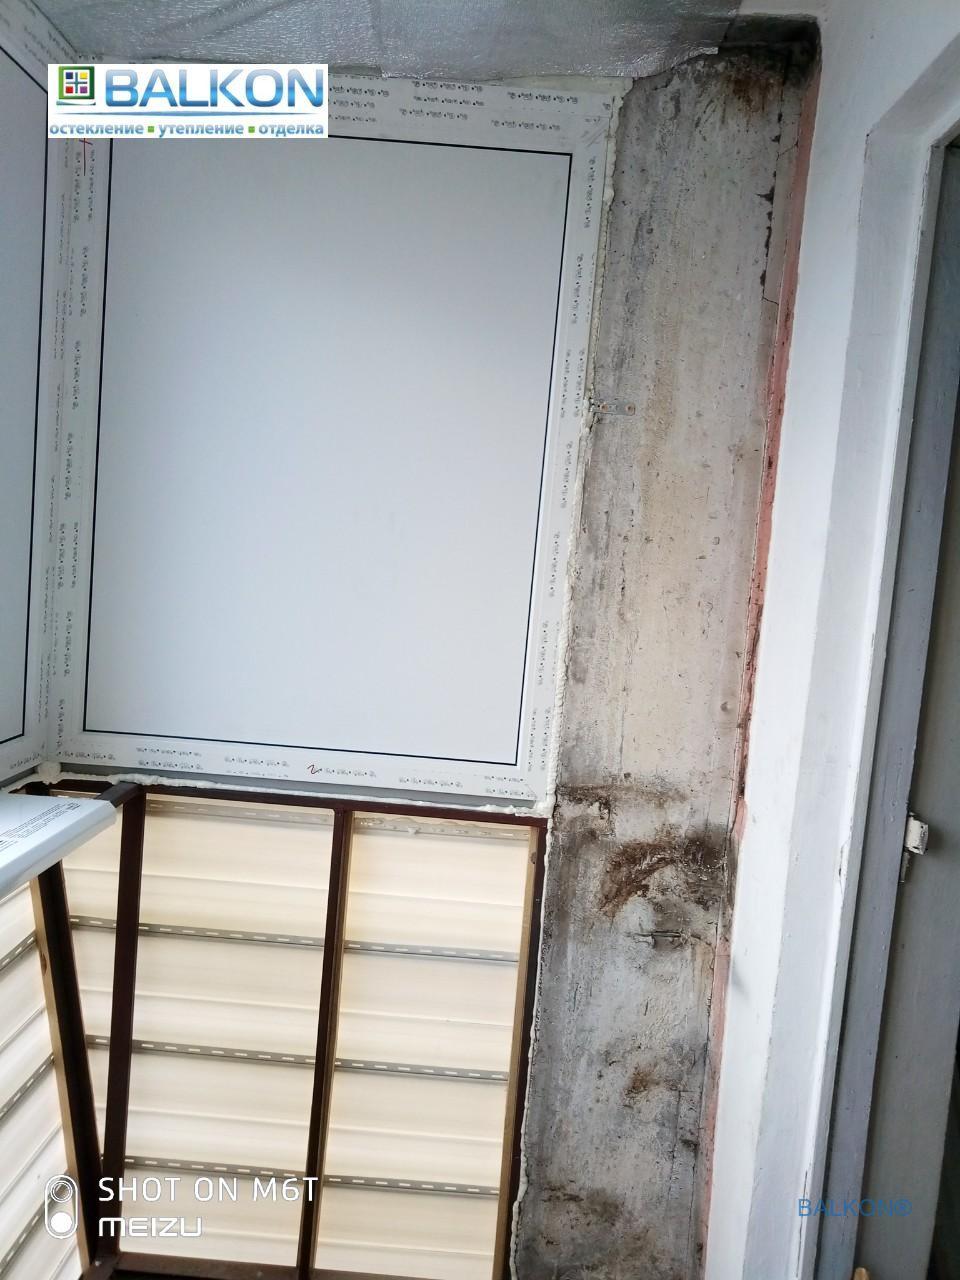 Вынос балкона Киев ул. Героев Сталинграда 25 - фото бригады №14